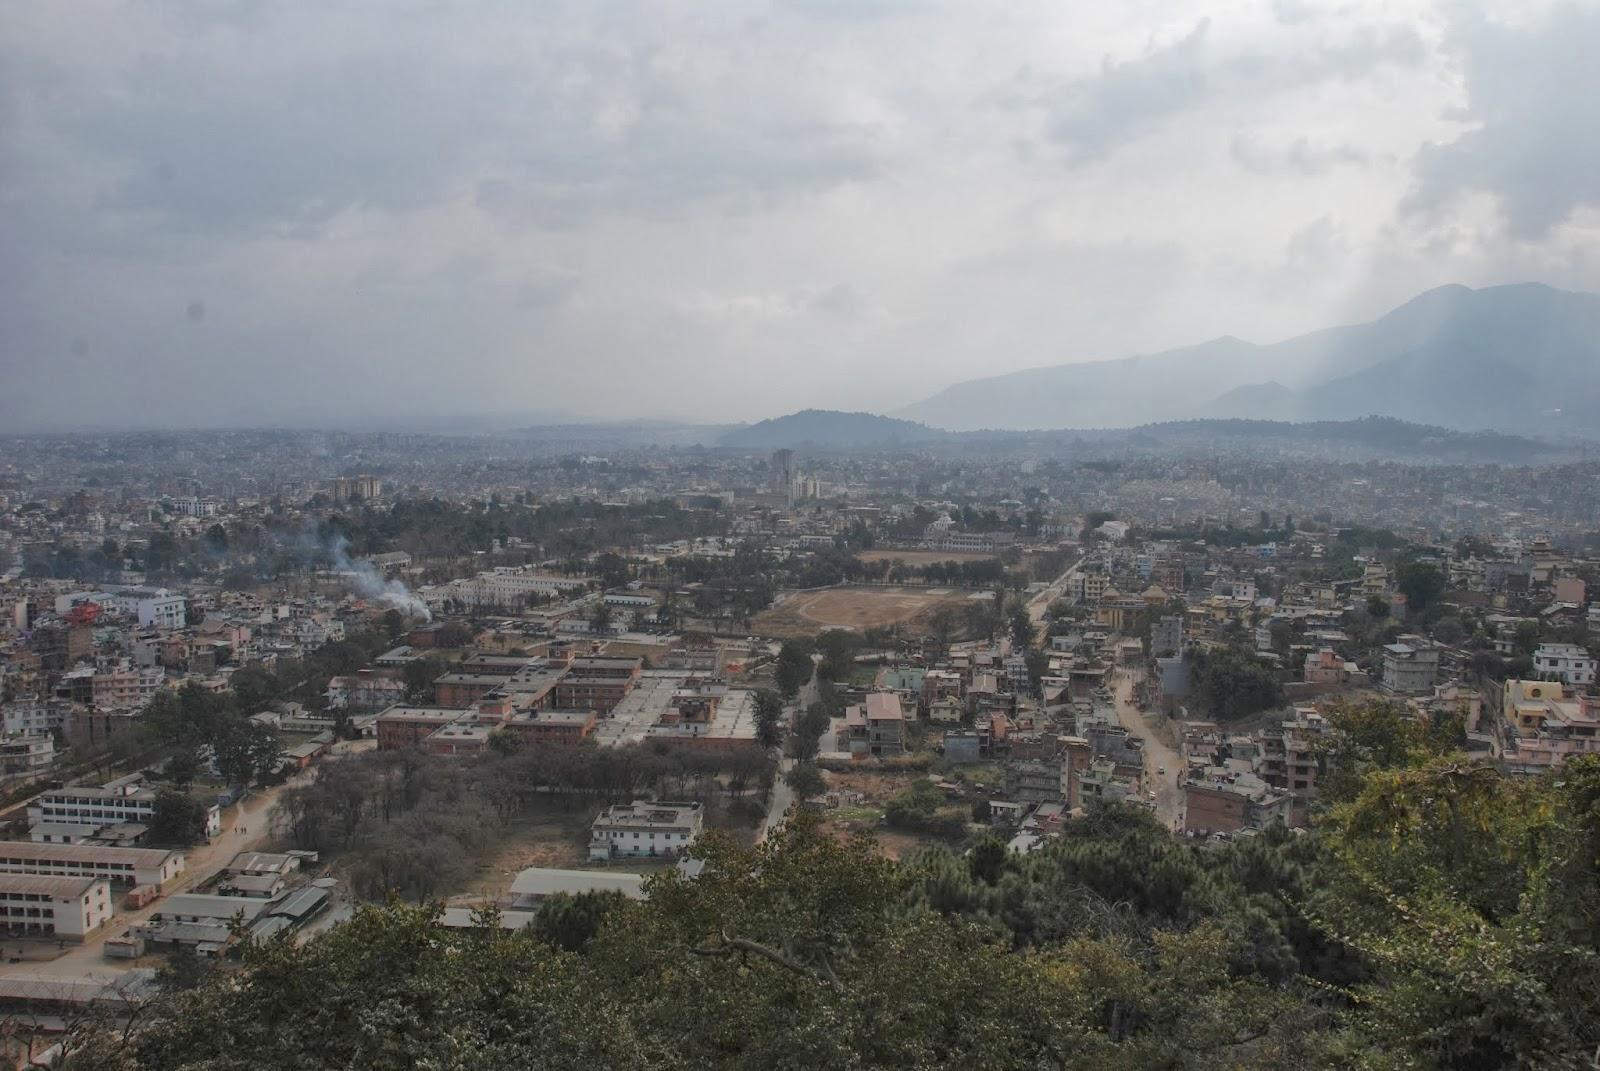 旅行日記: Day2 加德滿都-斯瓦揚布拿寺(Swayambhunath)-加德滿都